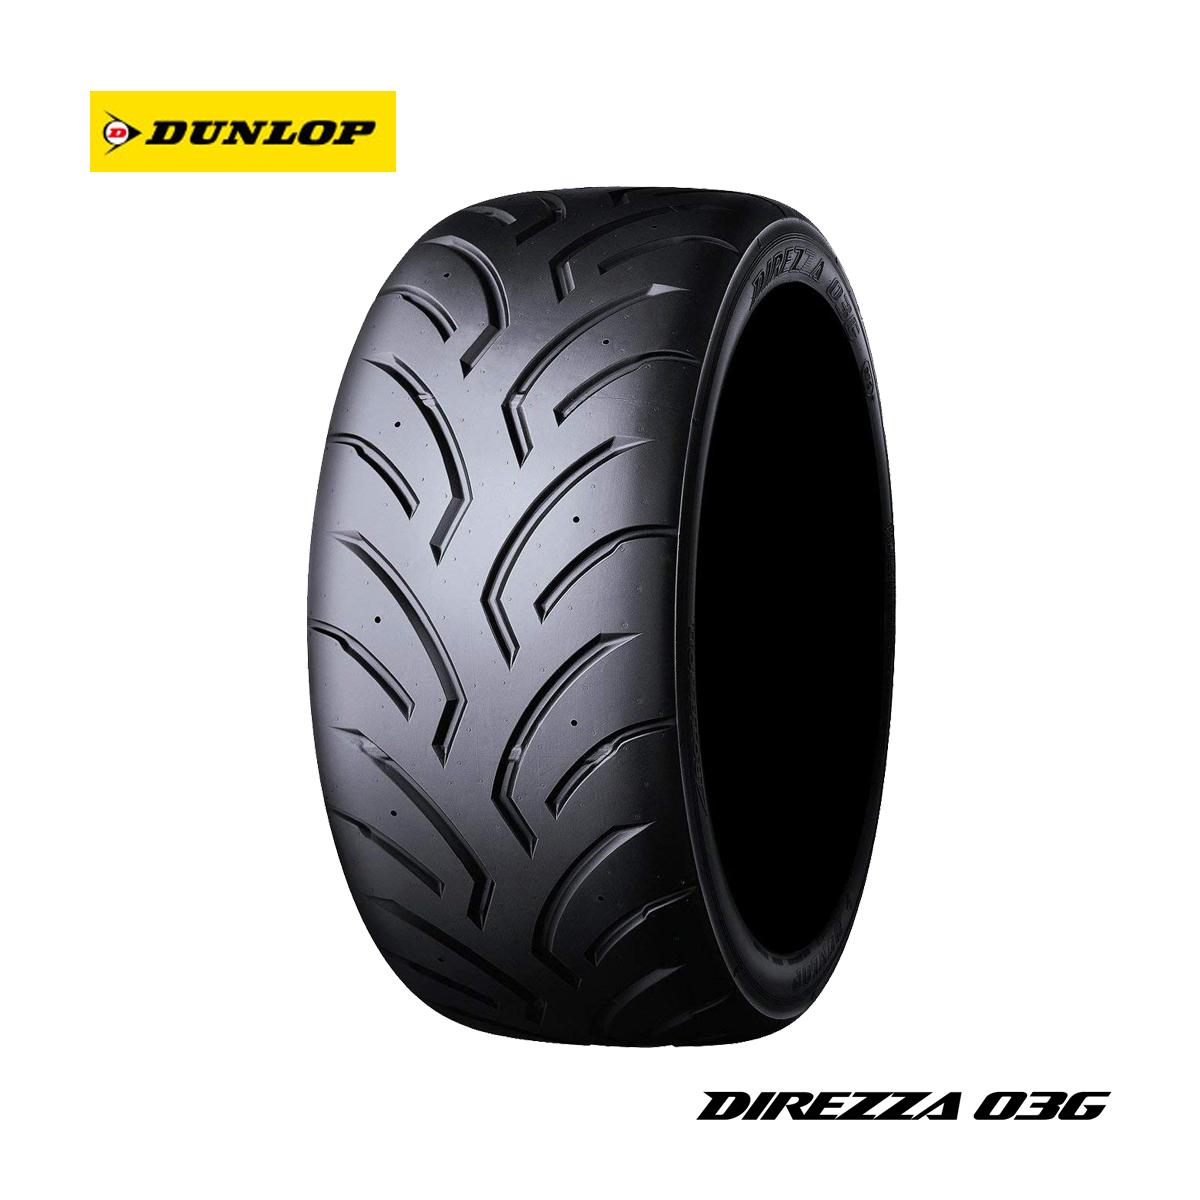 DUNLOP ダンロップ Sタイヤ ハイグリップ モータースポーツ 1本 16インチ 205/50R16 DIREZZA ディレッツァ 03G コンパウンド R2